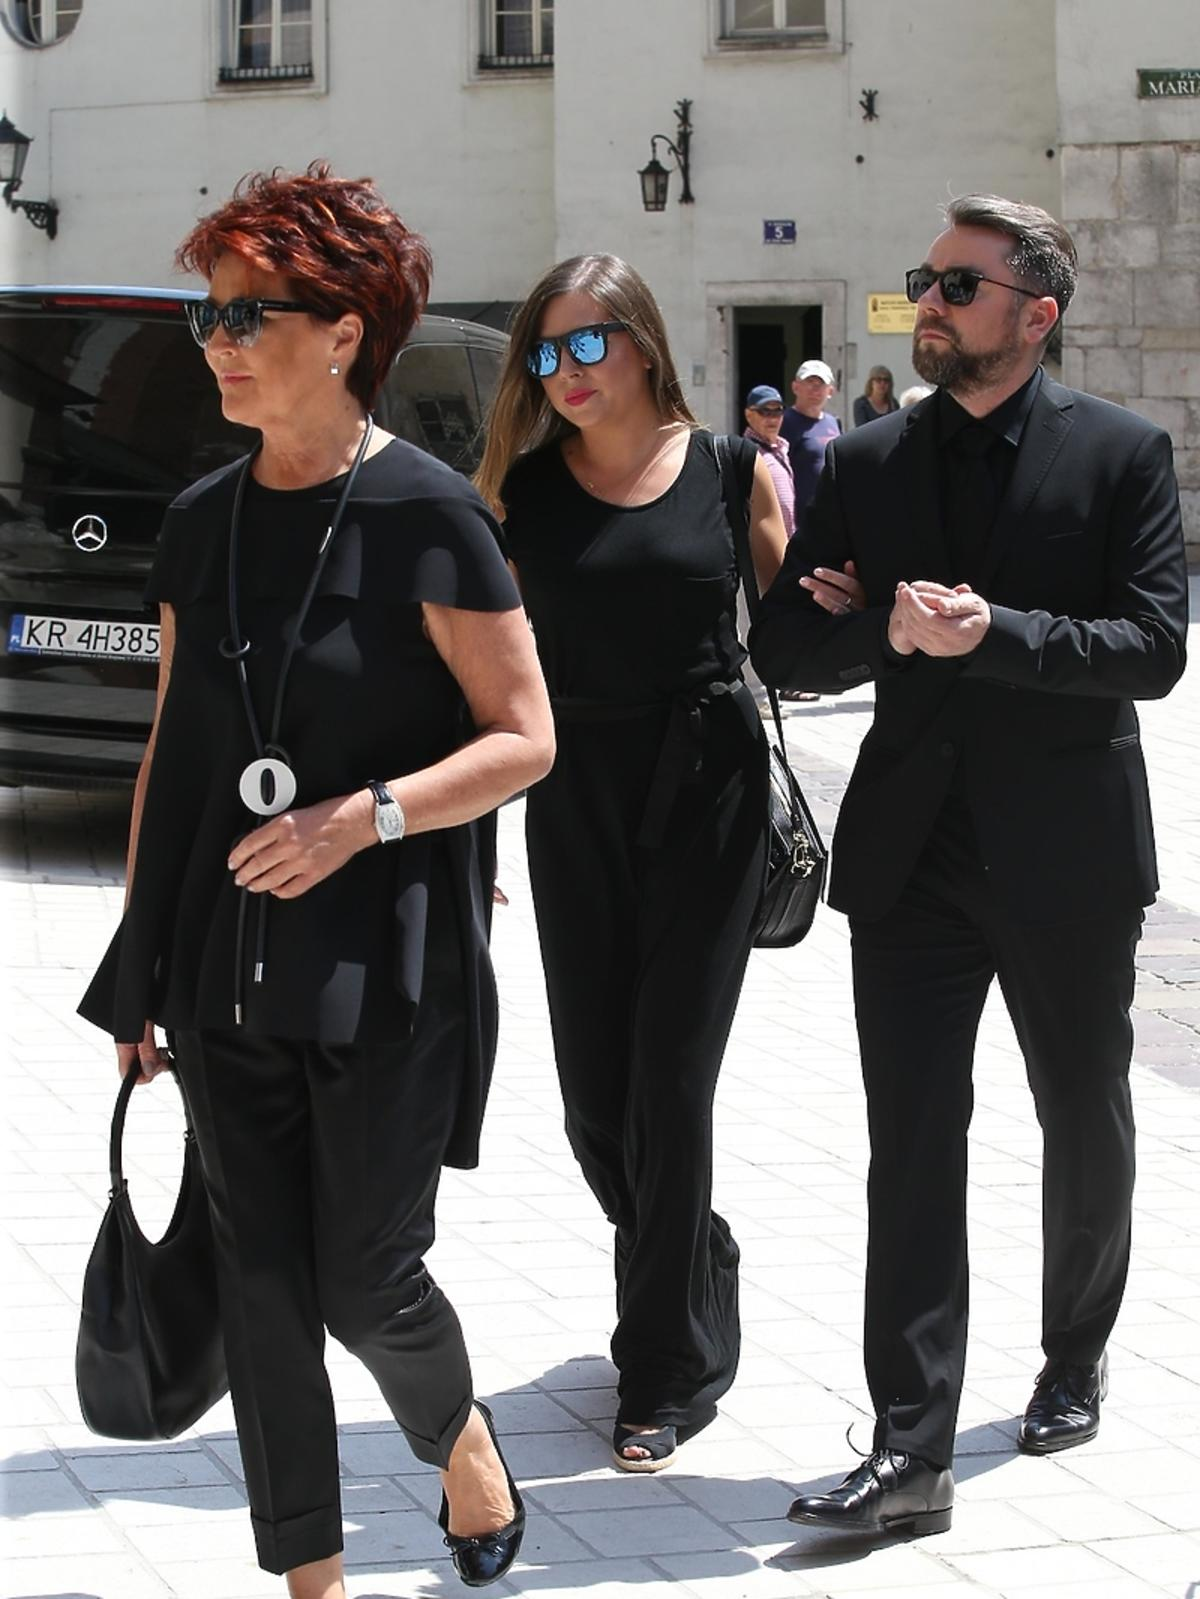 Aleksandra Kwasniewska, Kuba Badach, Jola Kwaśniewska na pogrzebie Zbigniewa Wodeckiego